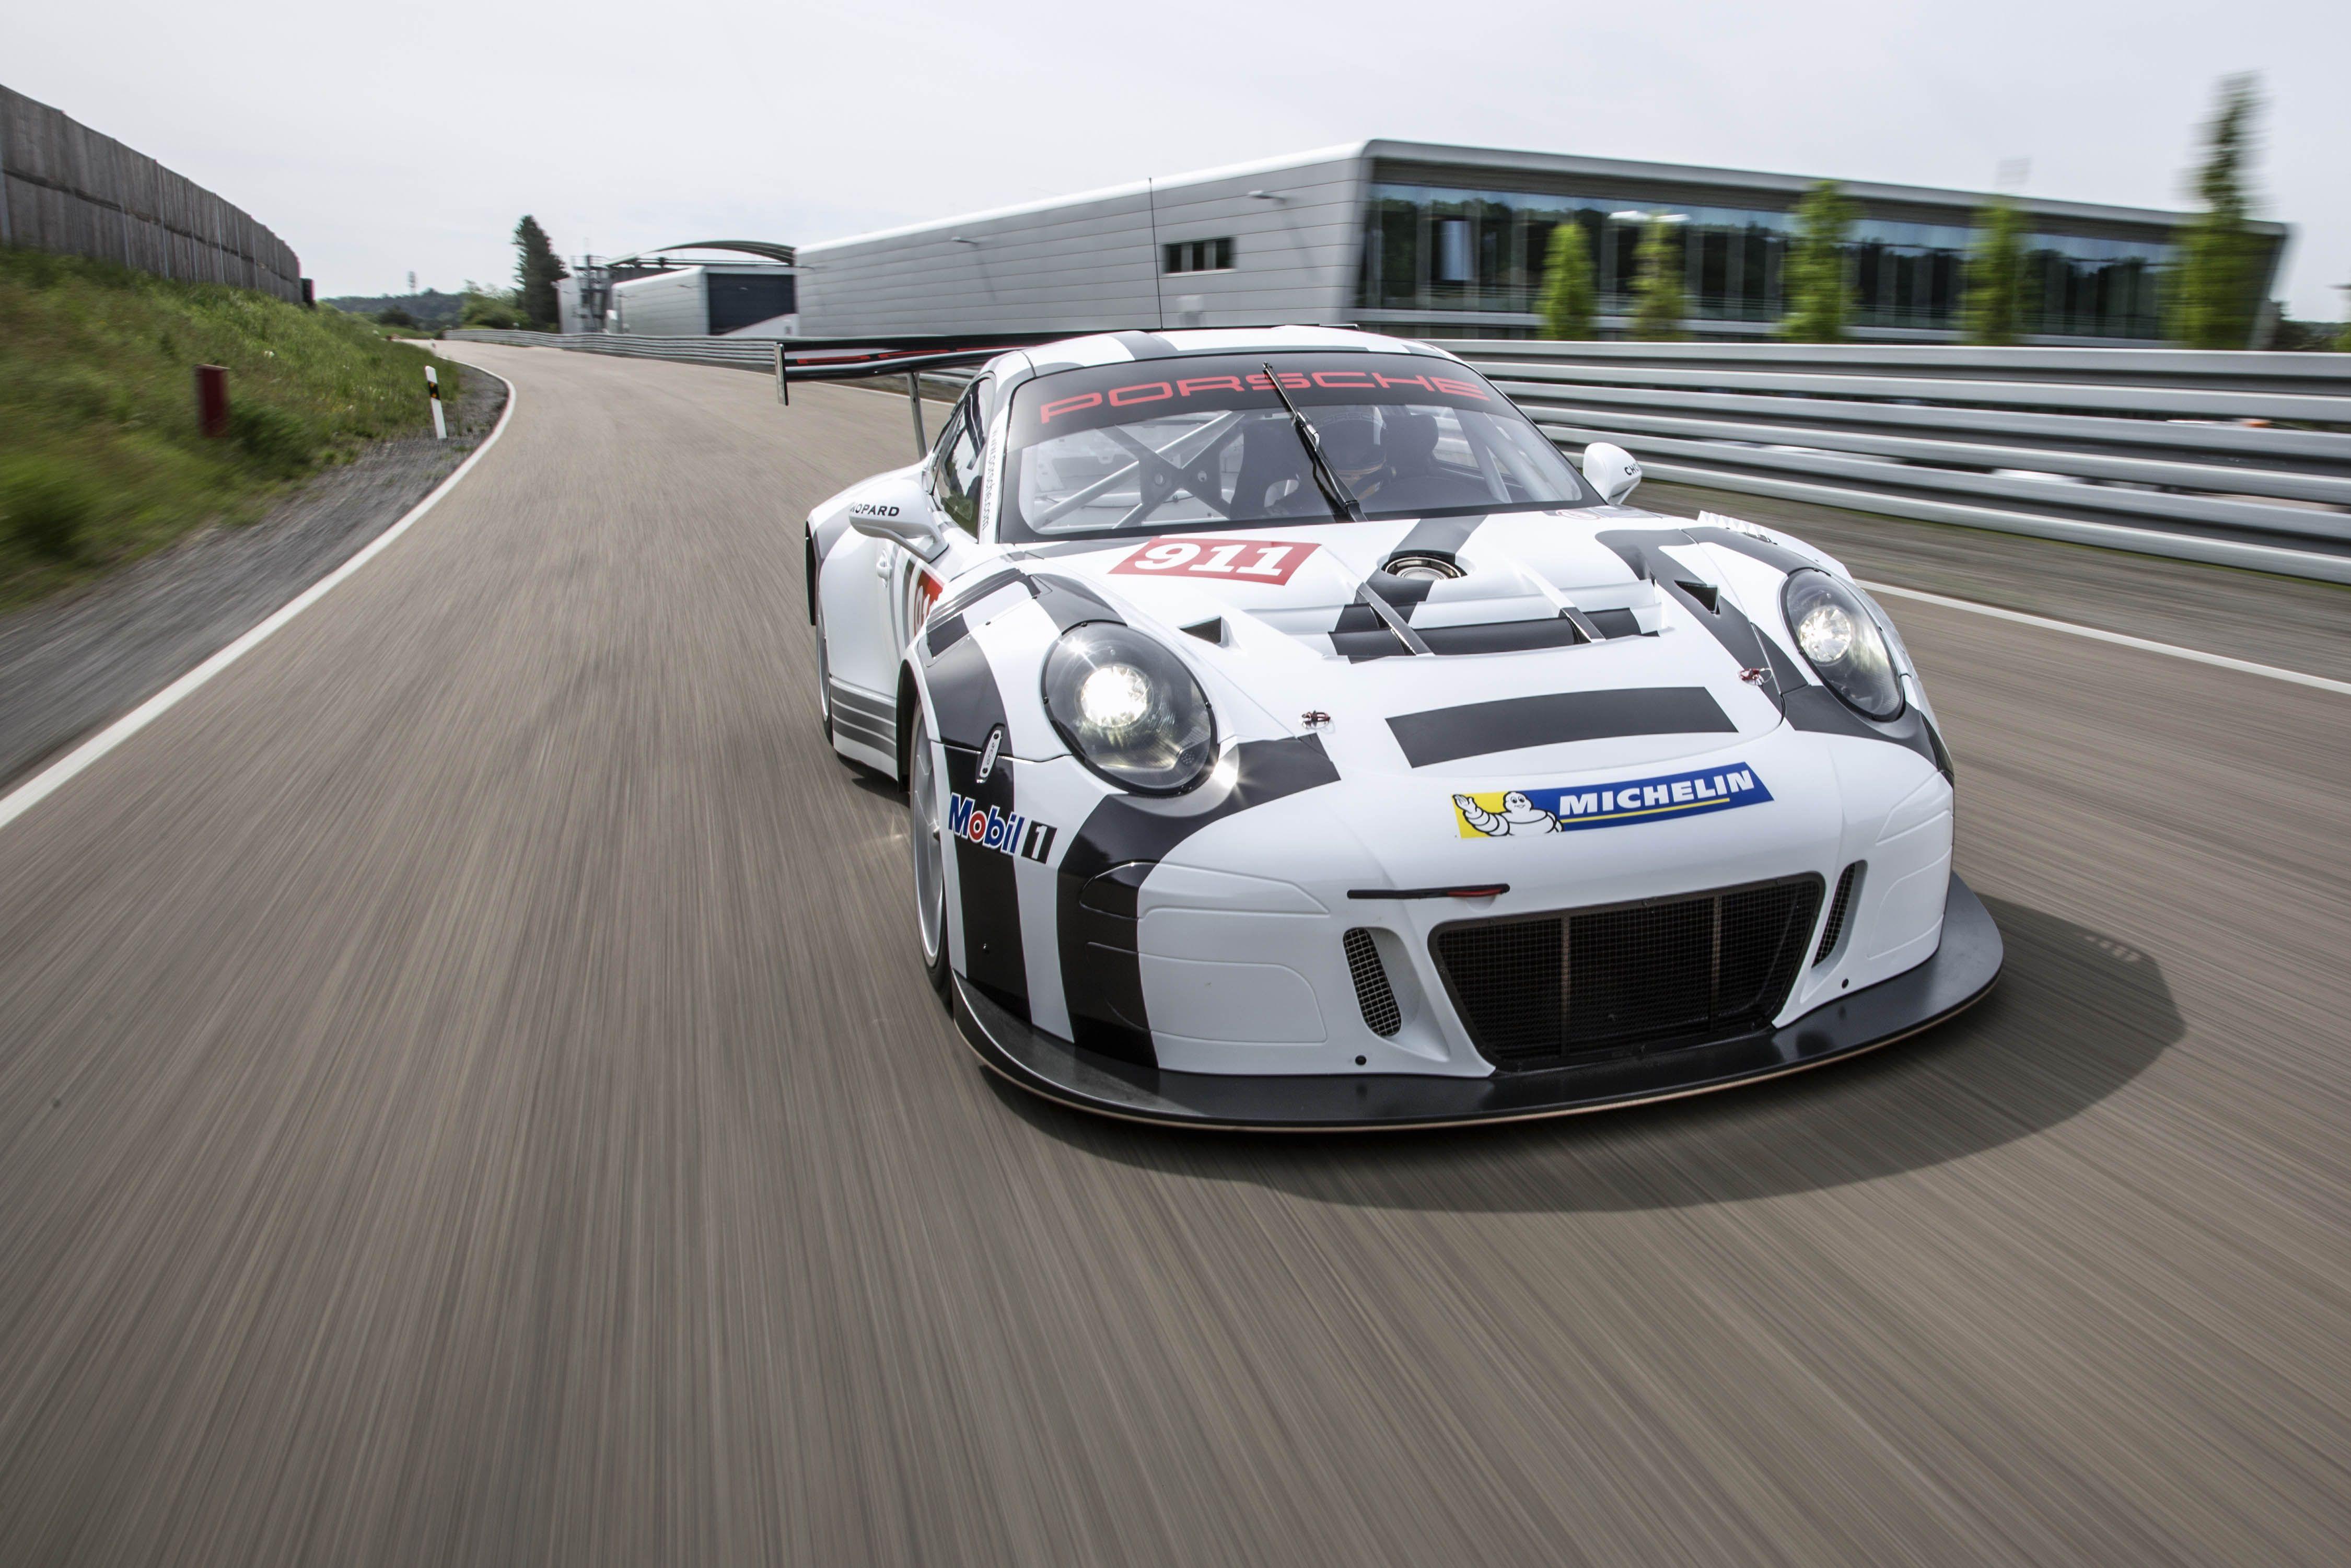 Porsche heeft op basis van de 911 GT3 RS een nieuwe racewagen voor klanten ontwikkeld: de GT3 R die geschikt is voor inzet bij GT3-races.